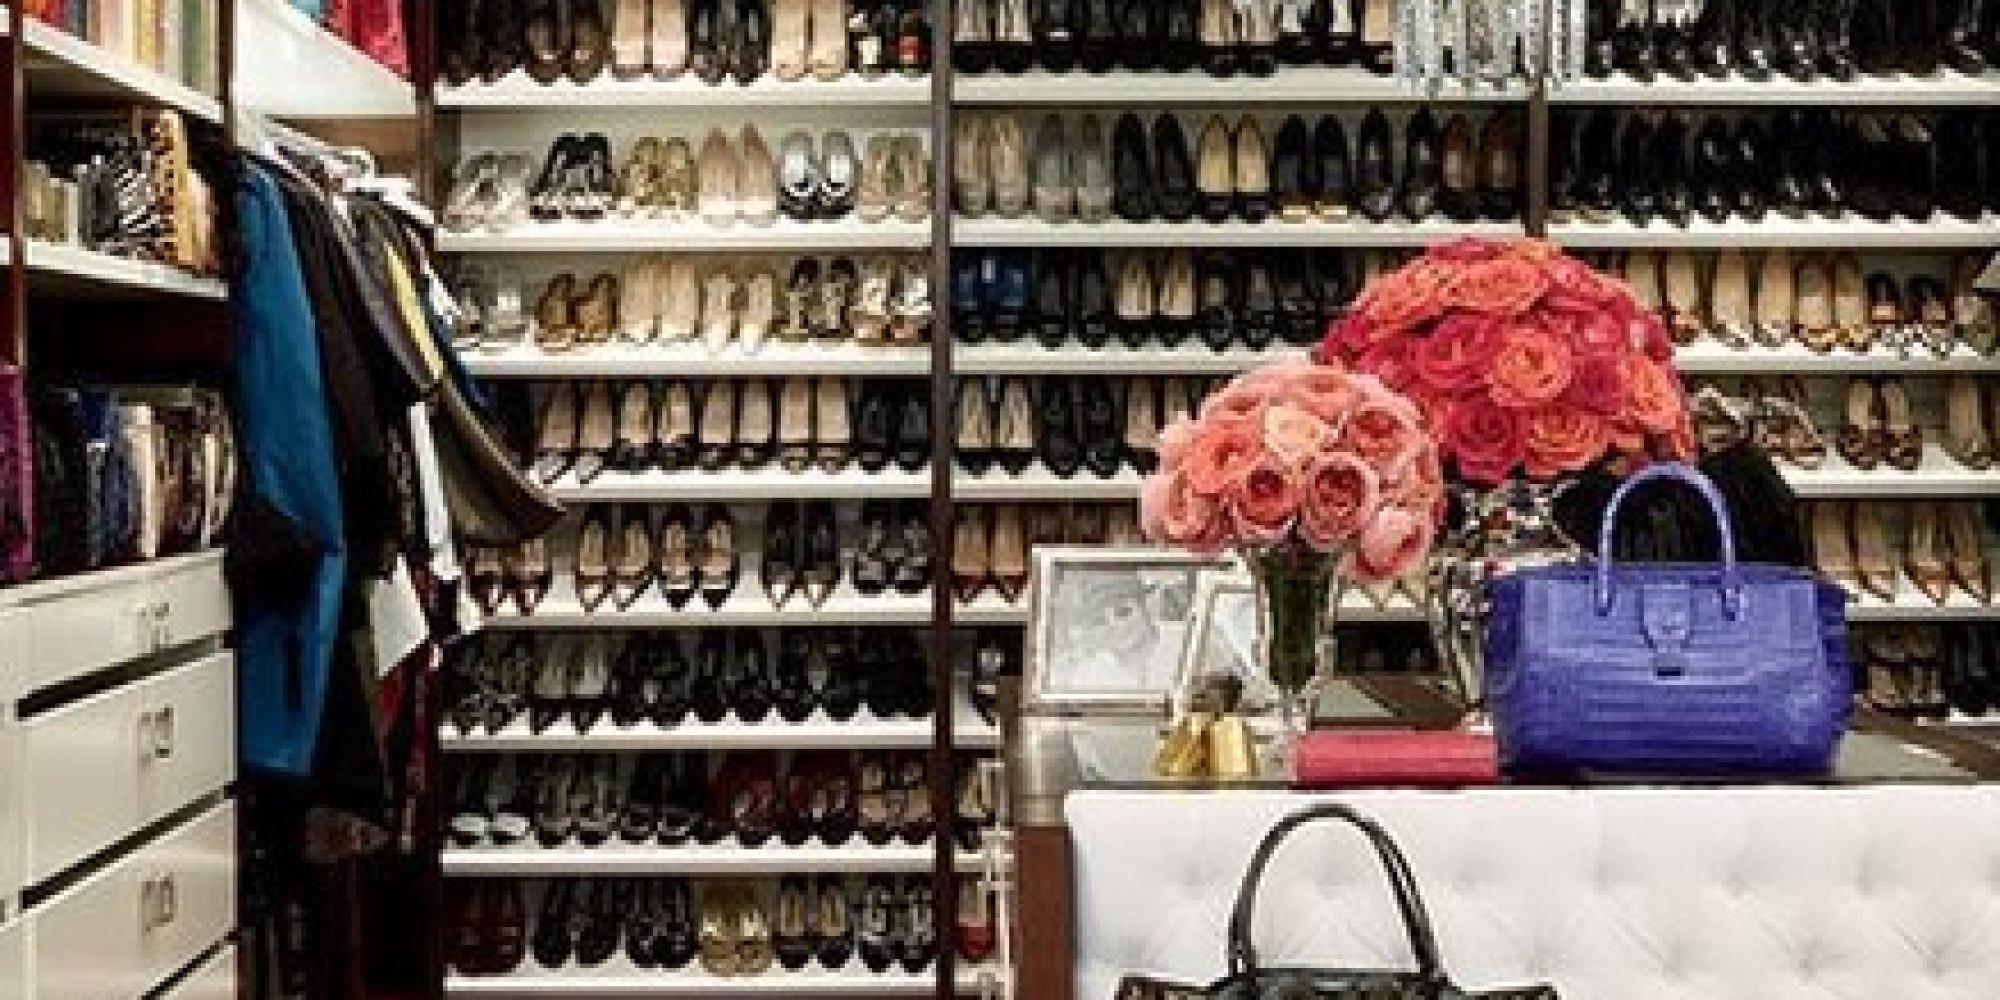 10 Unbelievable Dream Closets